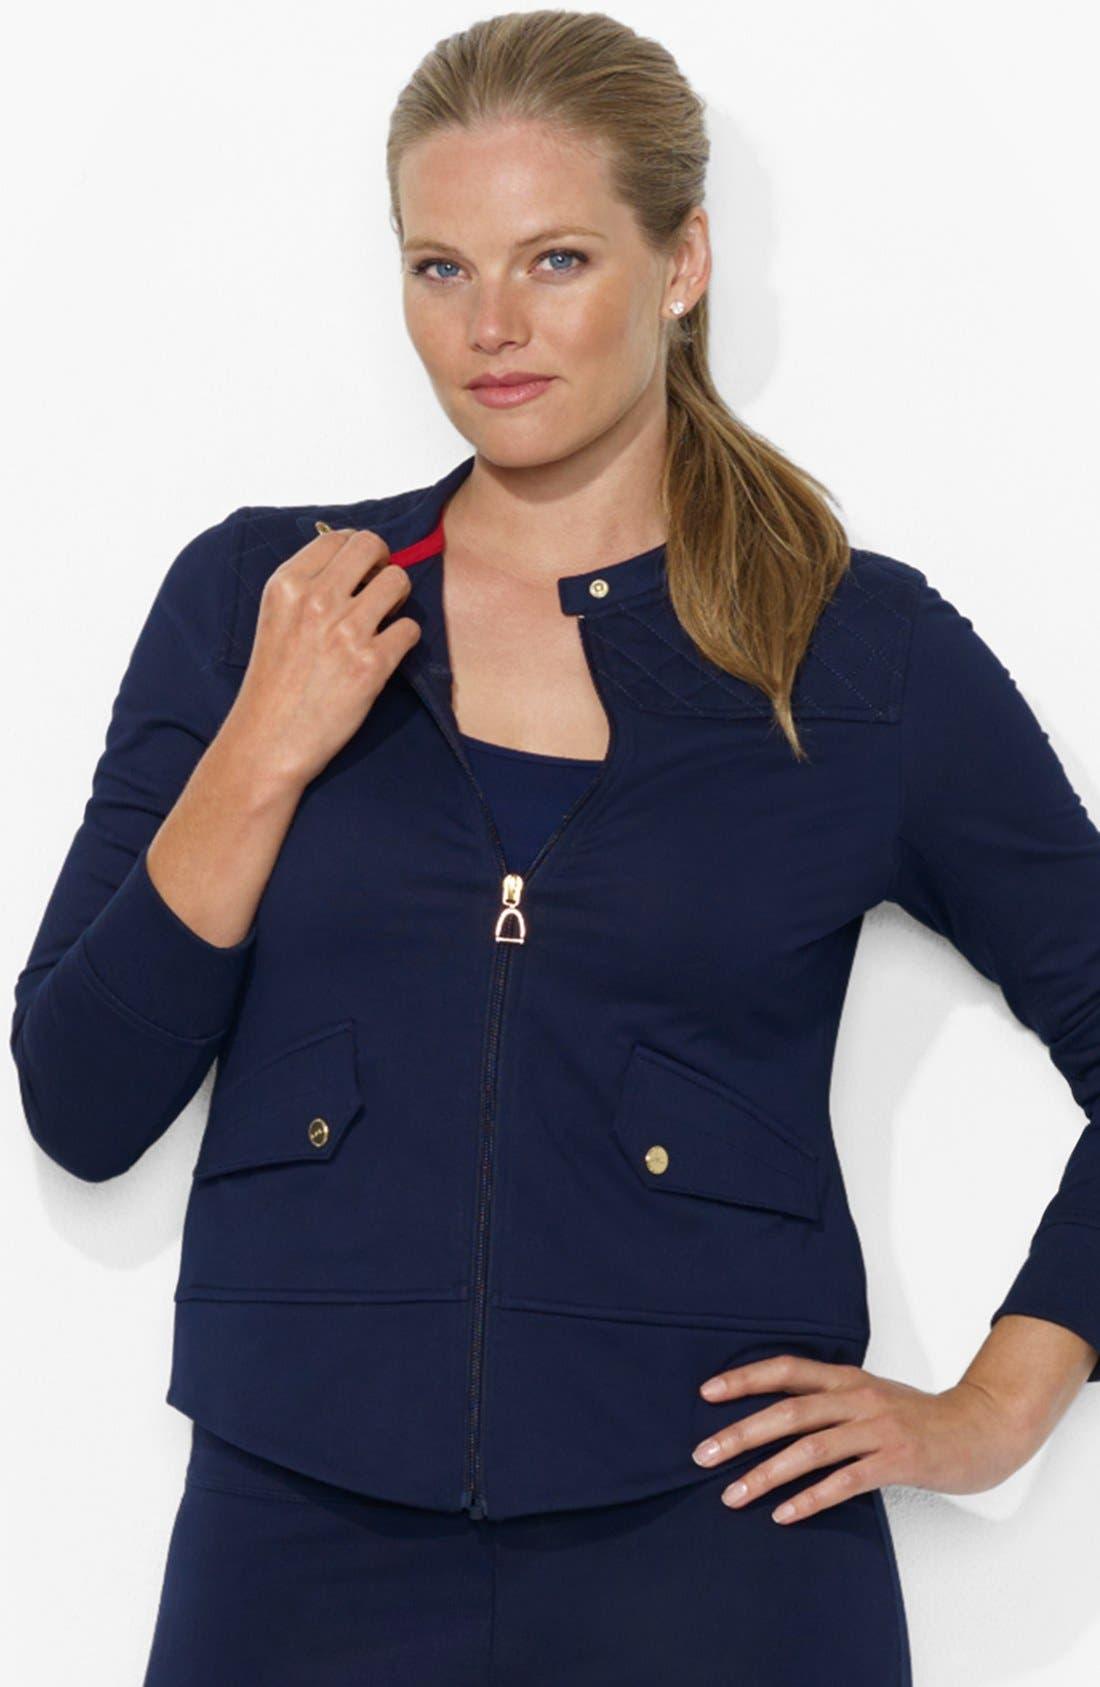 Alternate Image 1 Selected - Lauren Ralph Lauren Track Jacket (Plus Size)